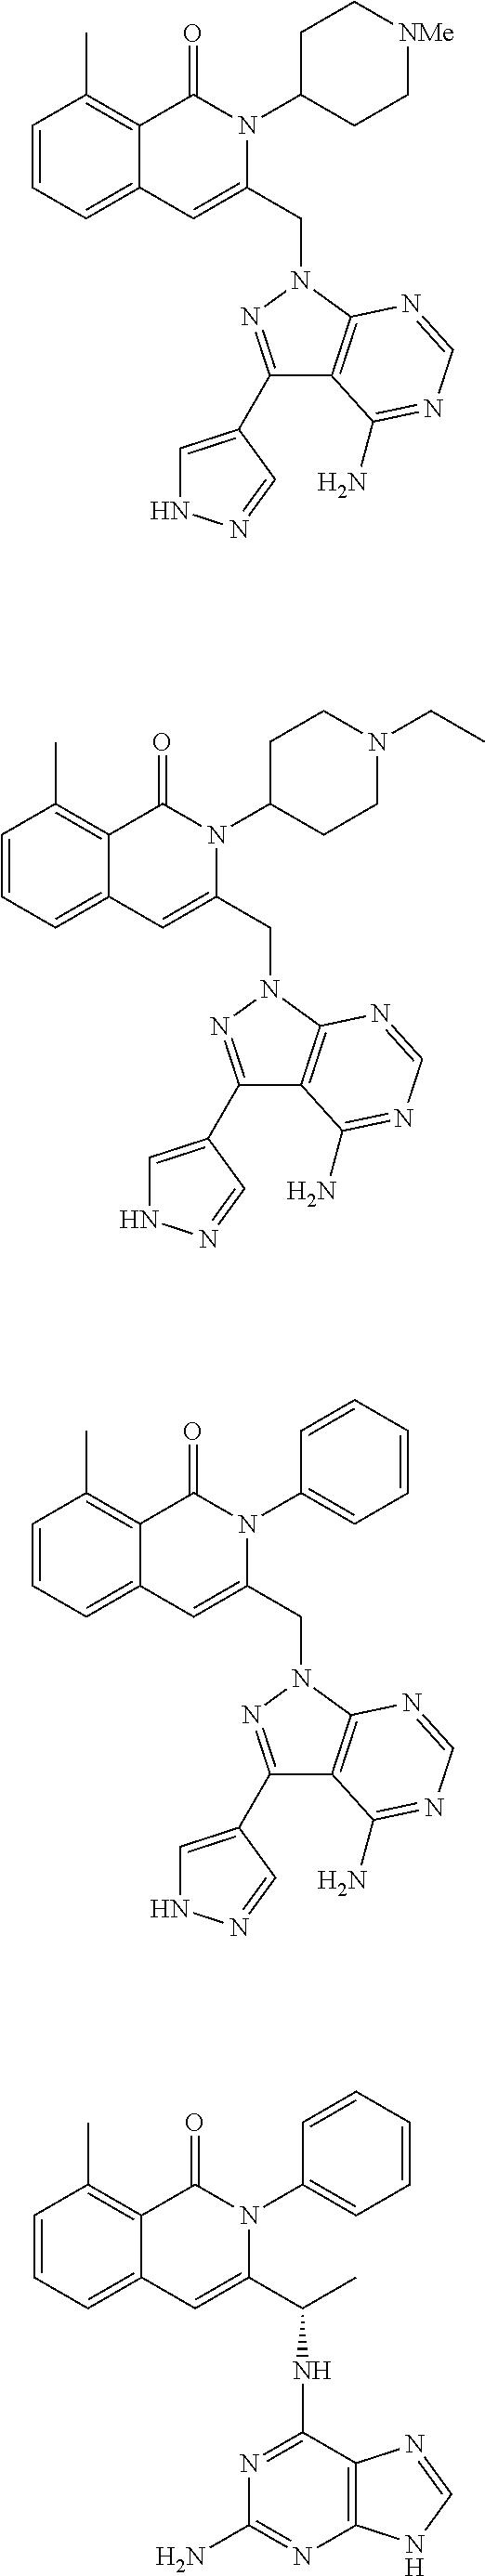 Figure US09216982-20151222-C00285